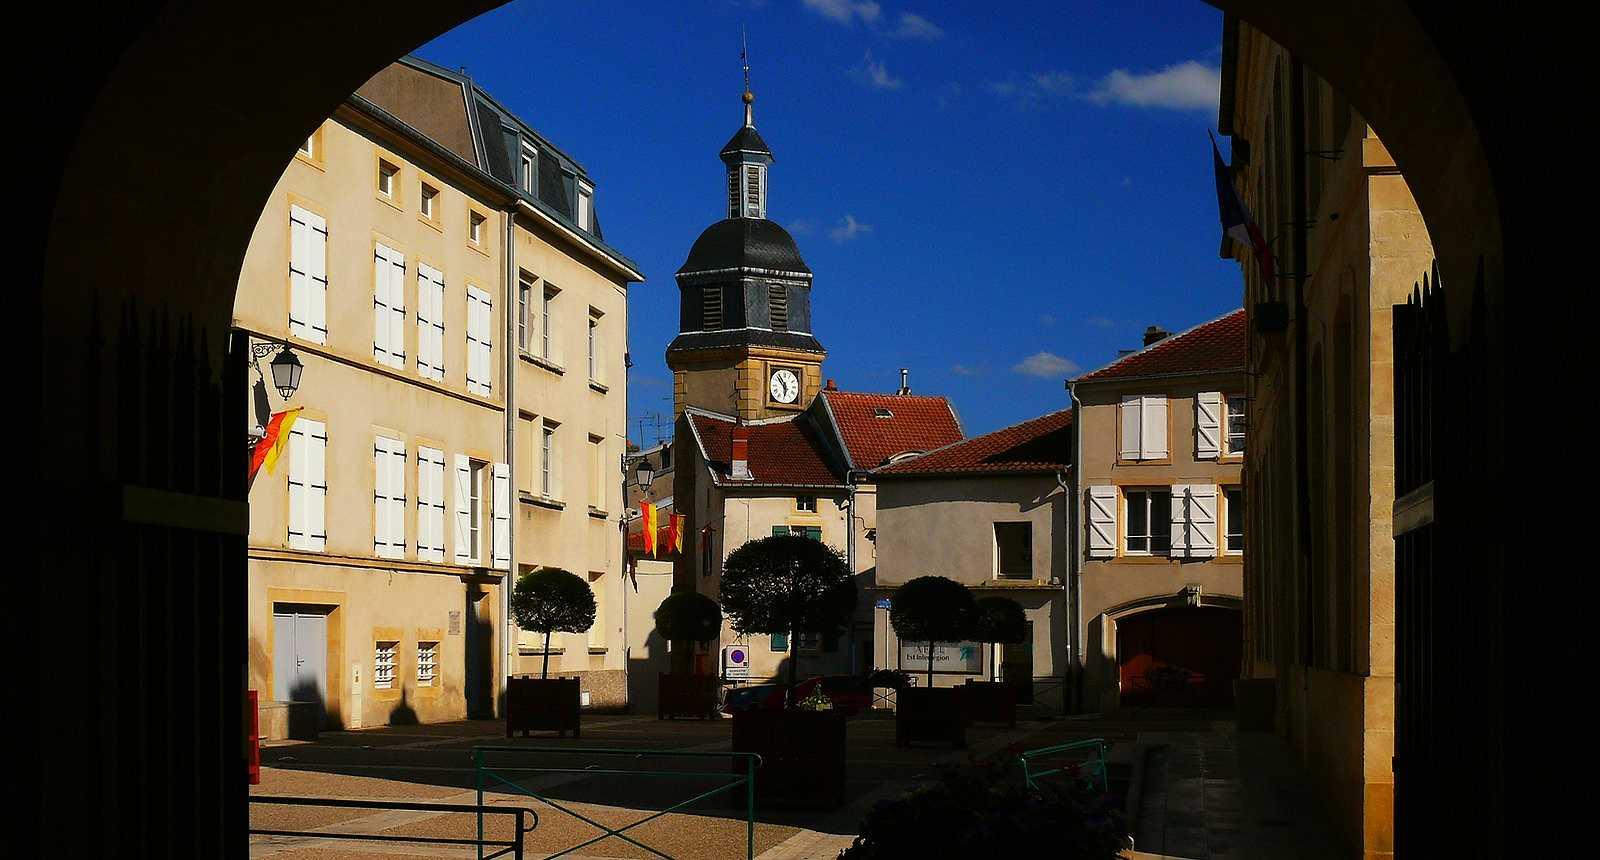 La ville de Briey et son beffroi